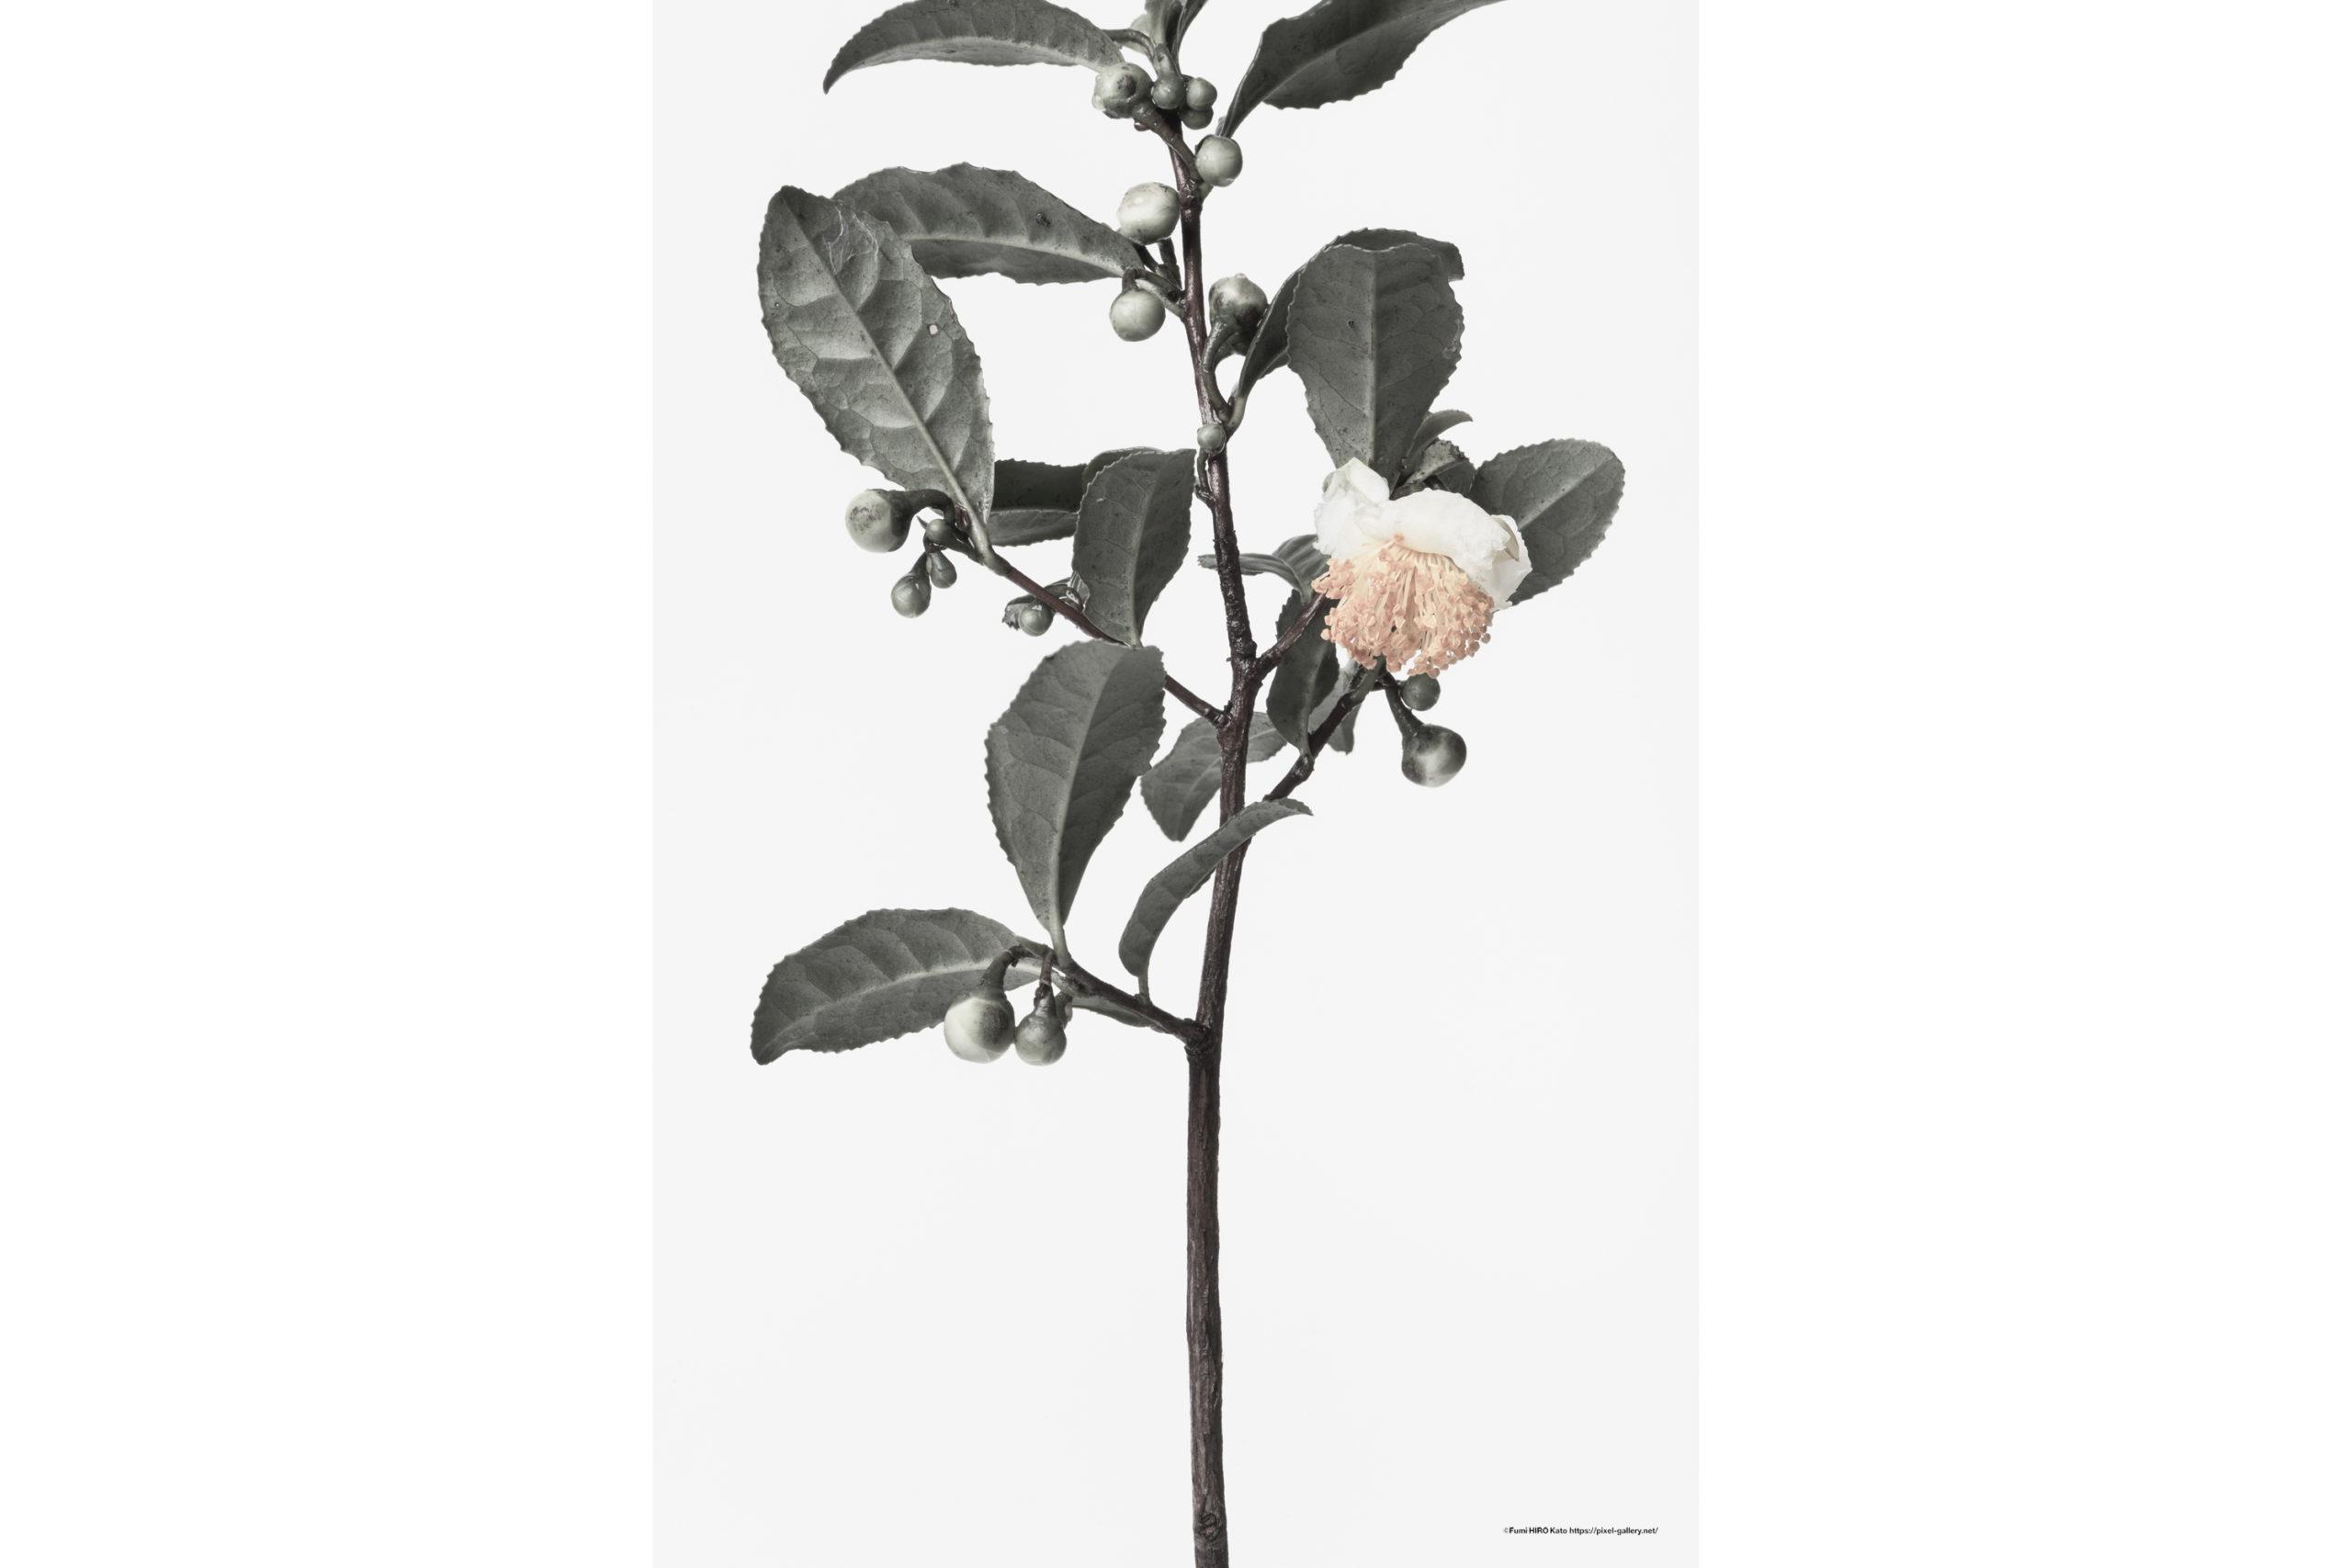 ハナ 2020-029 茶の木